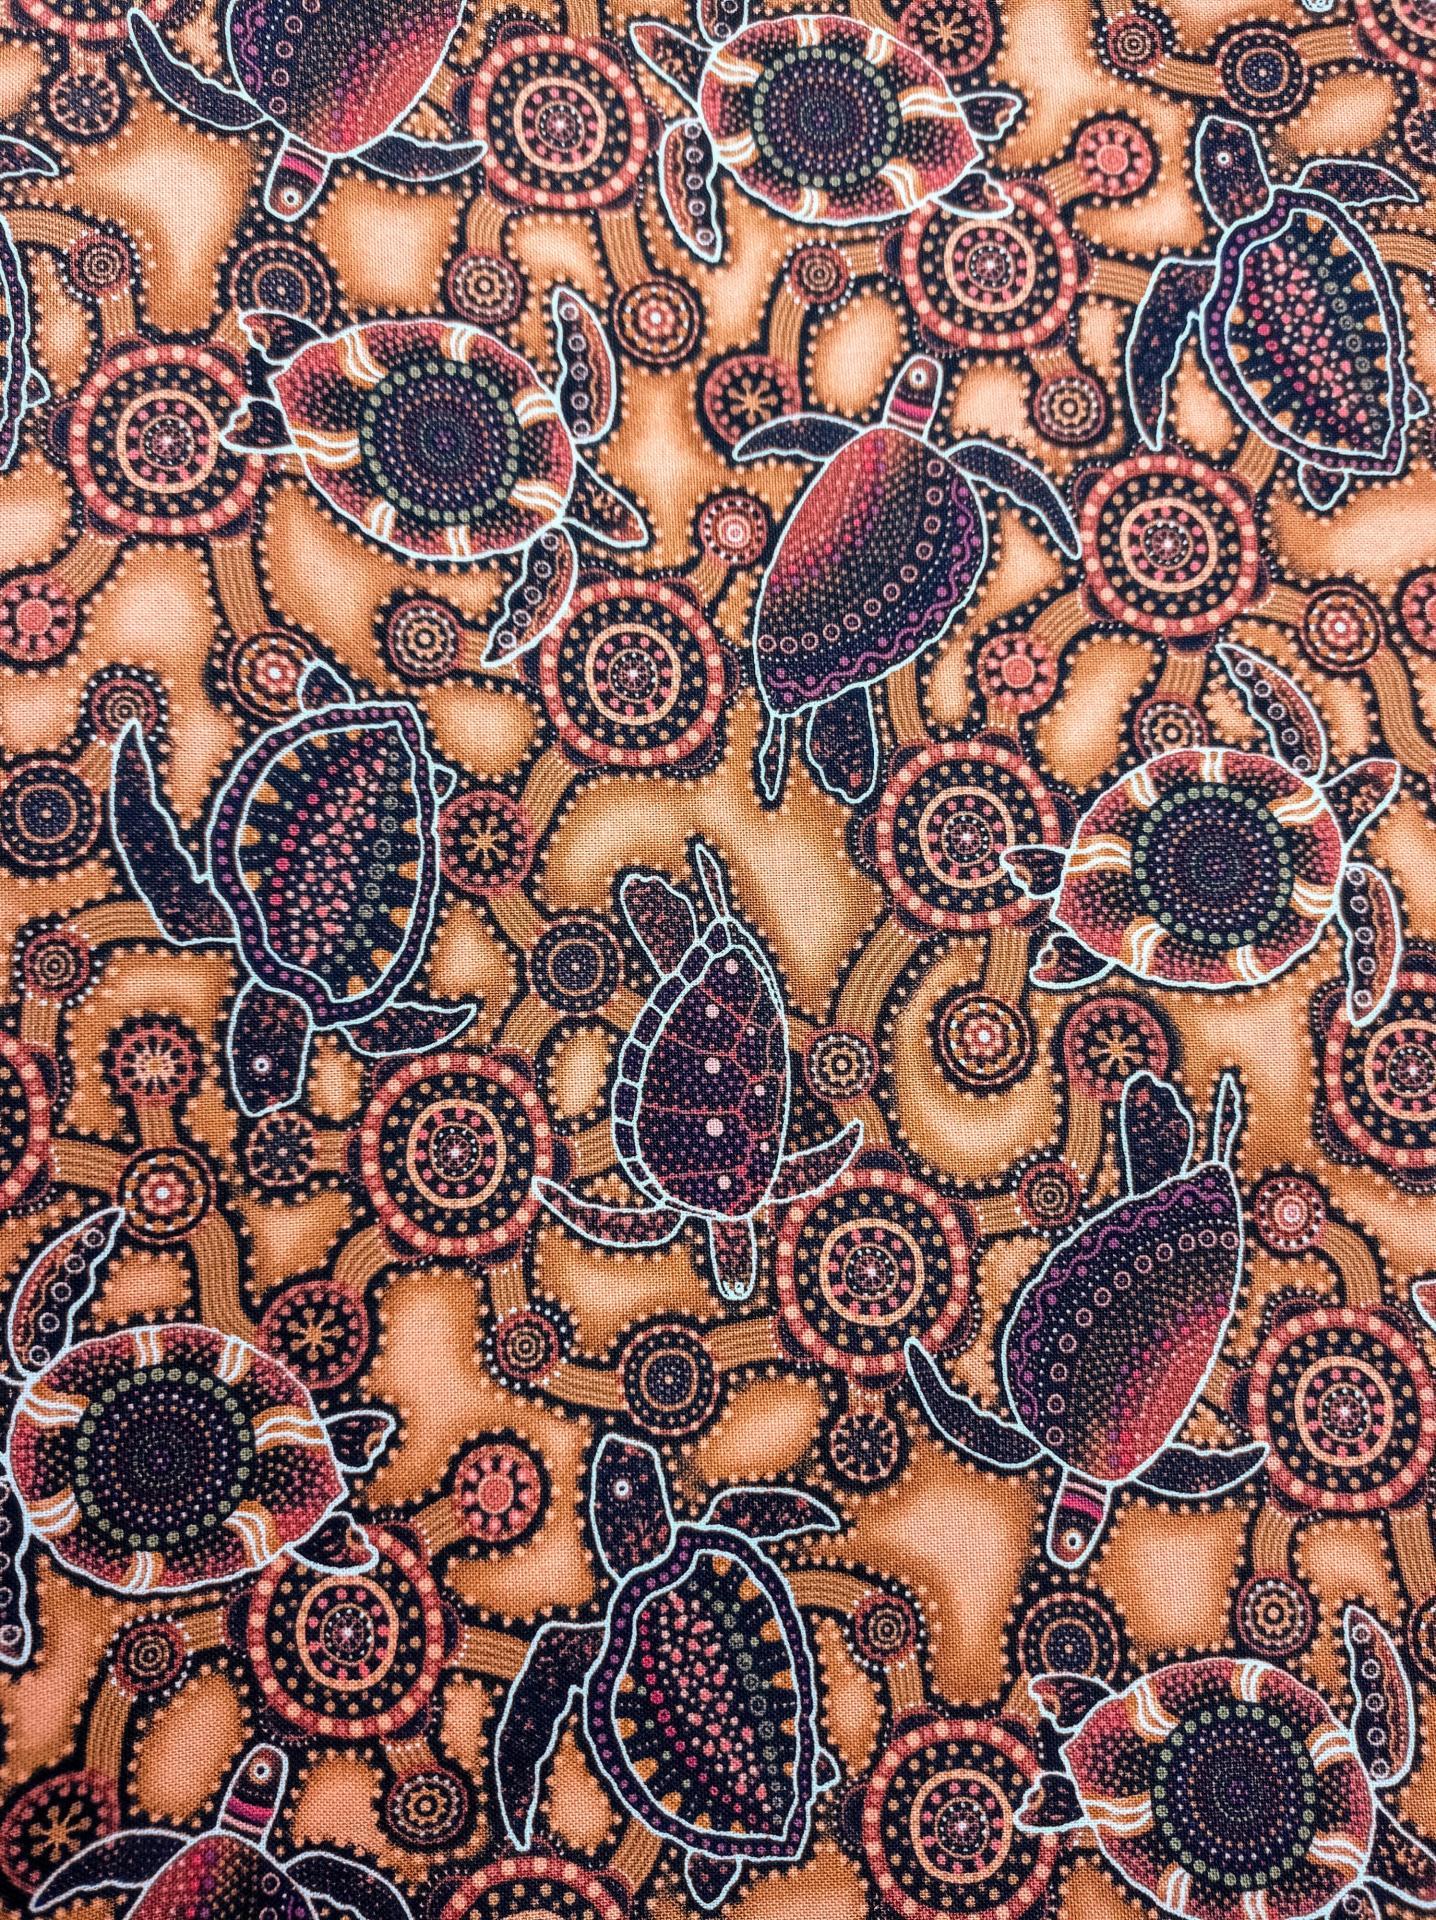 Tela patchwork de fondo tierra con tortugas